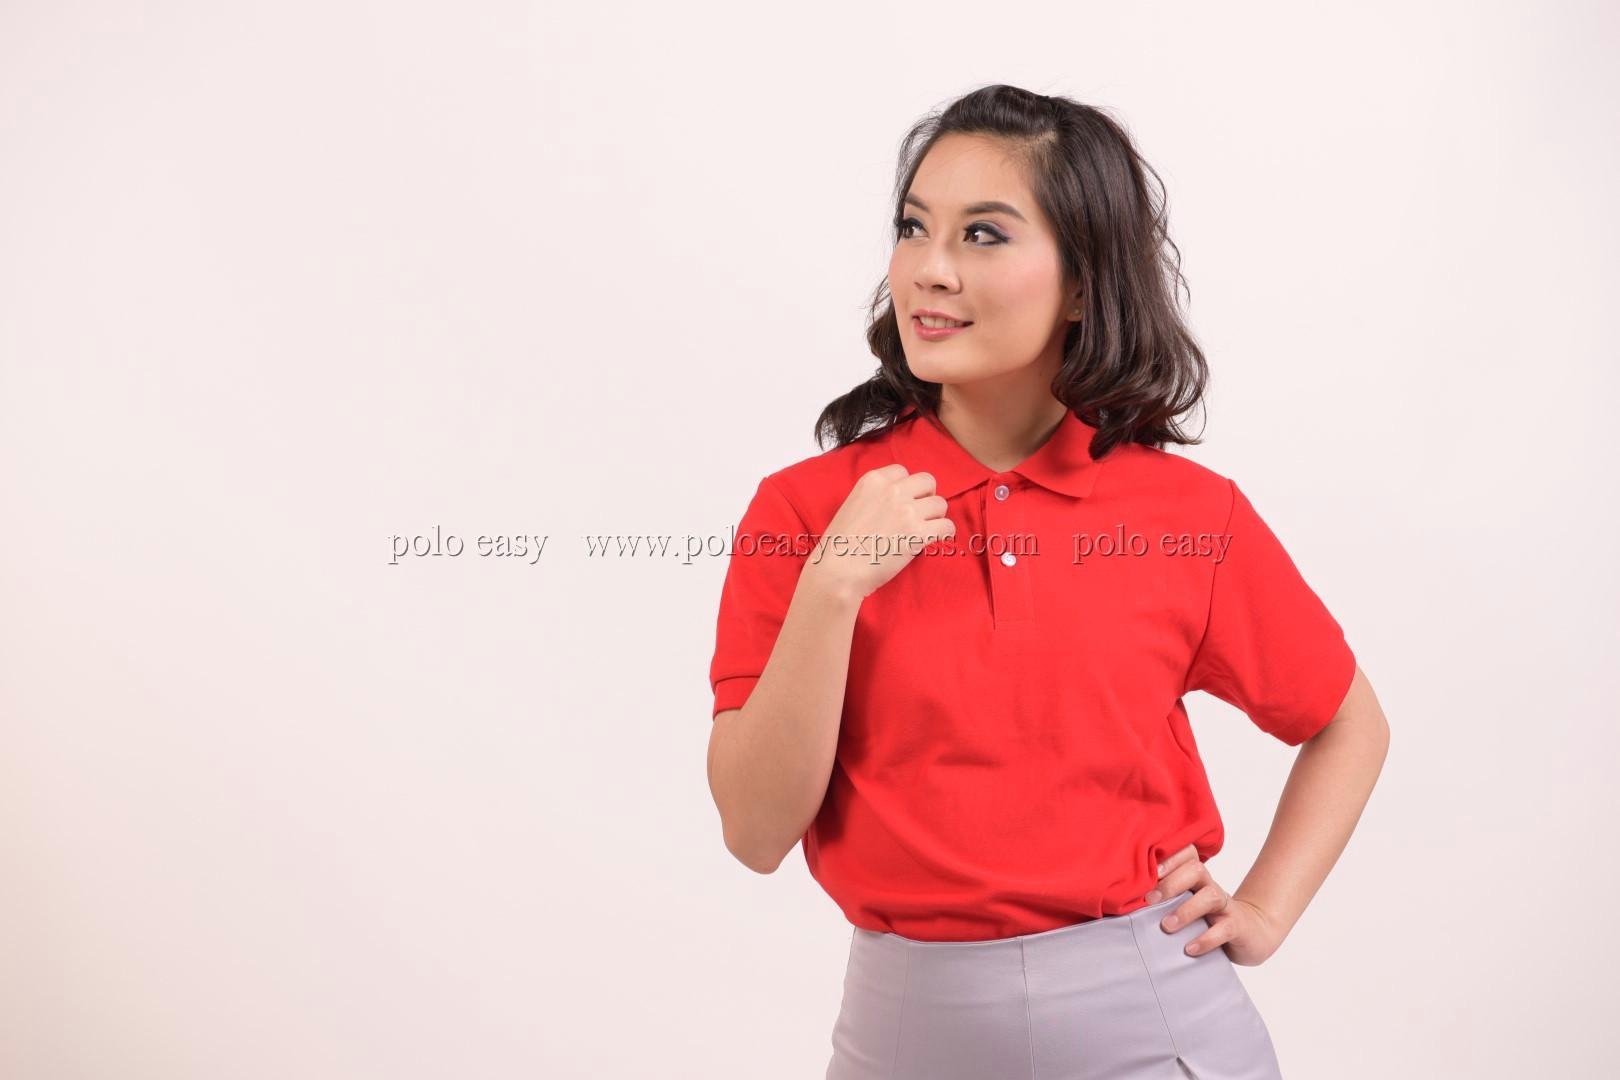 เสื้อโปโล สีแดง TK Premium แขนสั้น ทรงเว้า (หญิง) Size 2XL